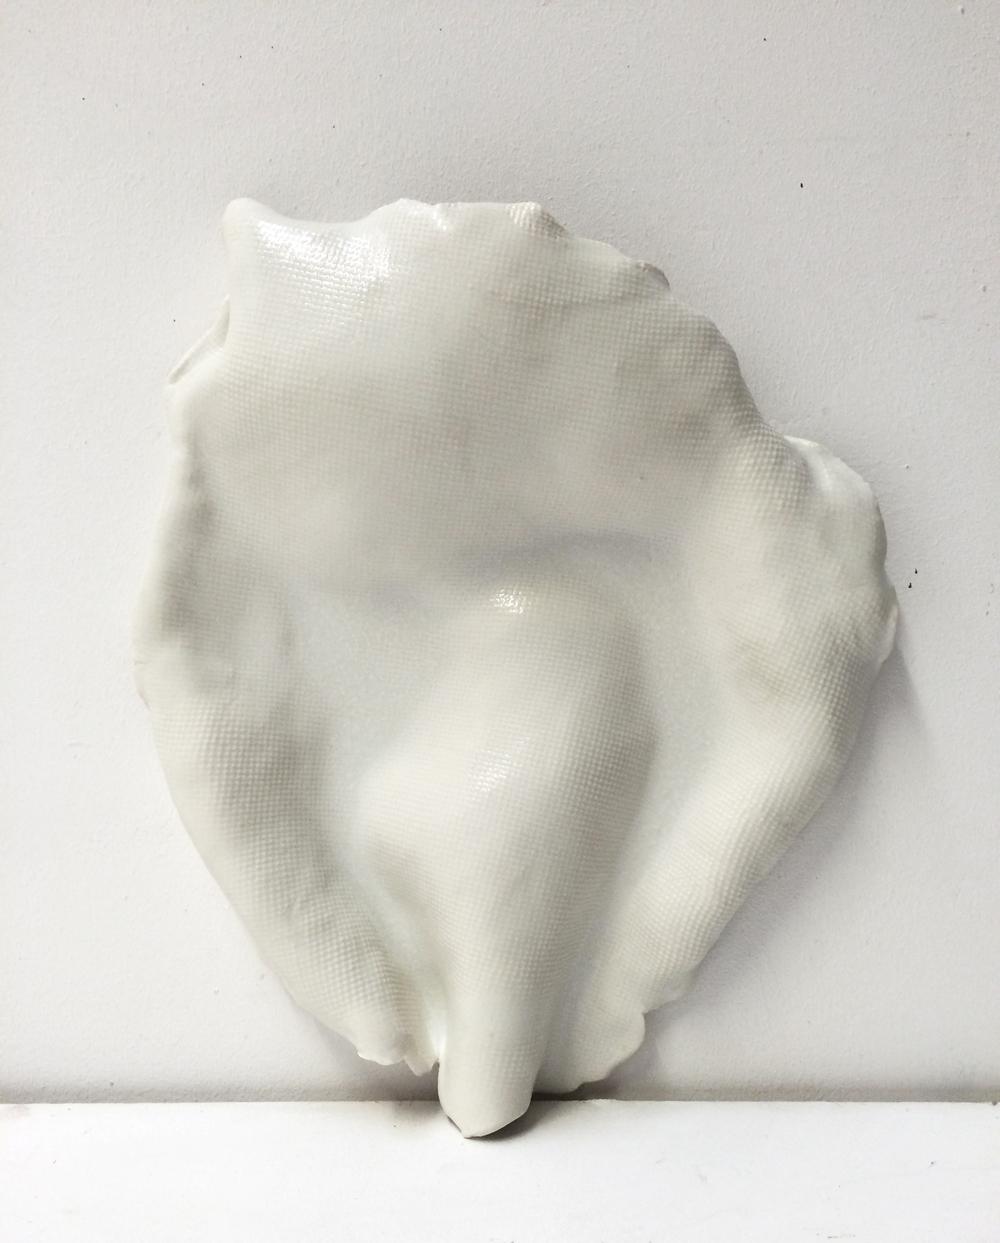 37x30x5 porcelana glazed.jpg